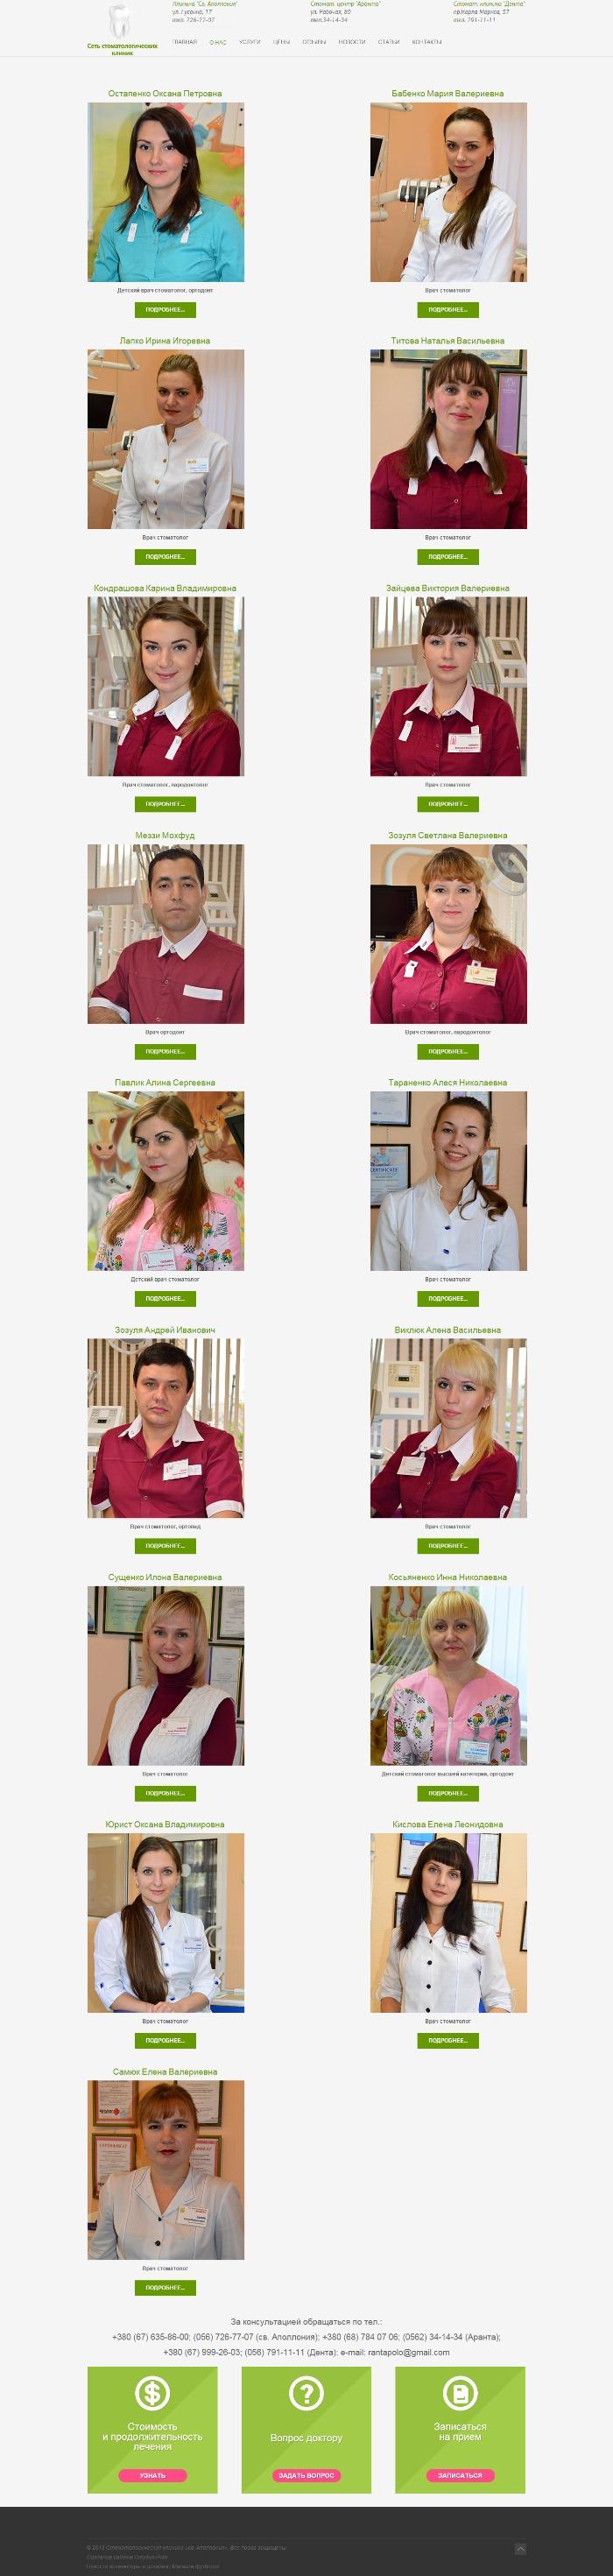 персонал стоматологической клиники